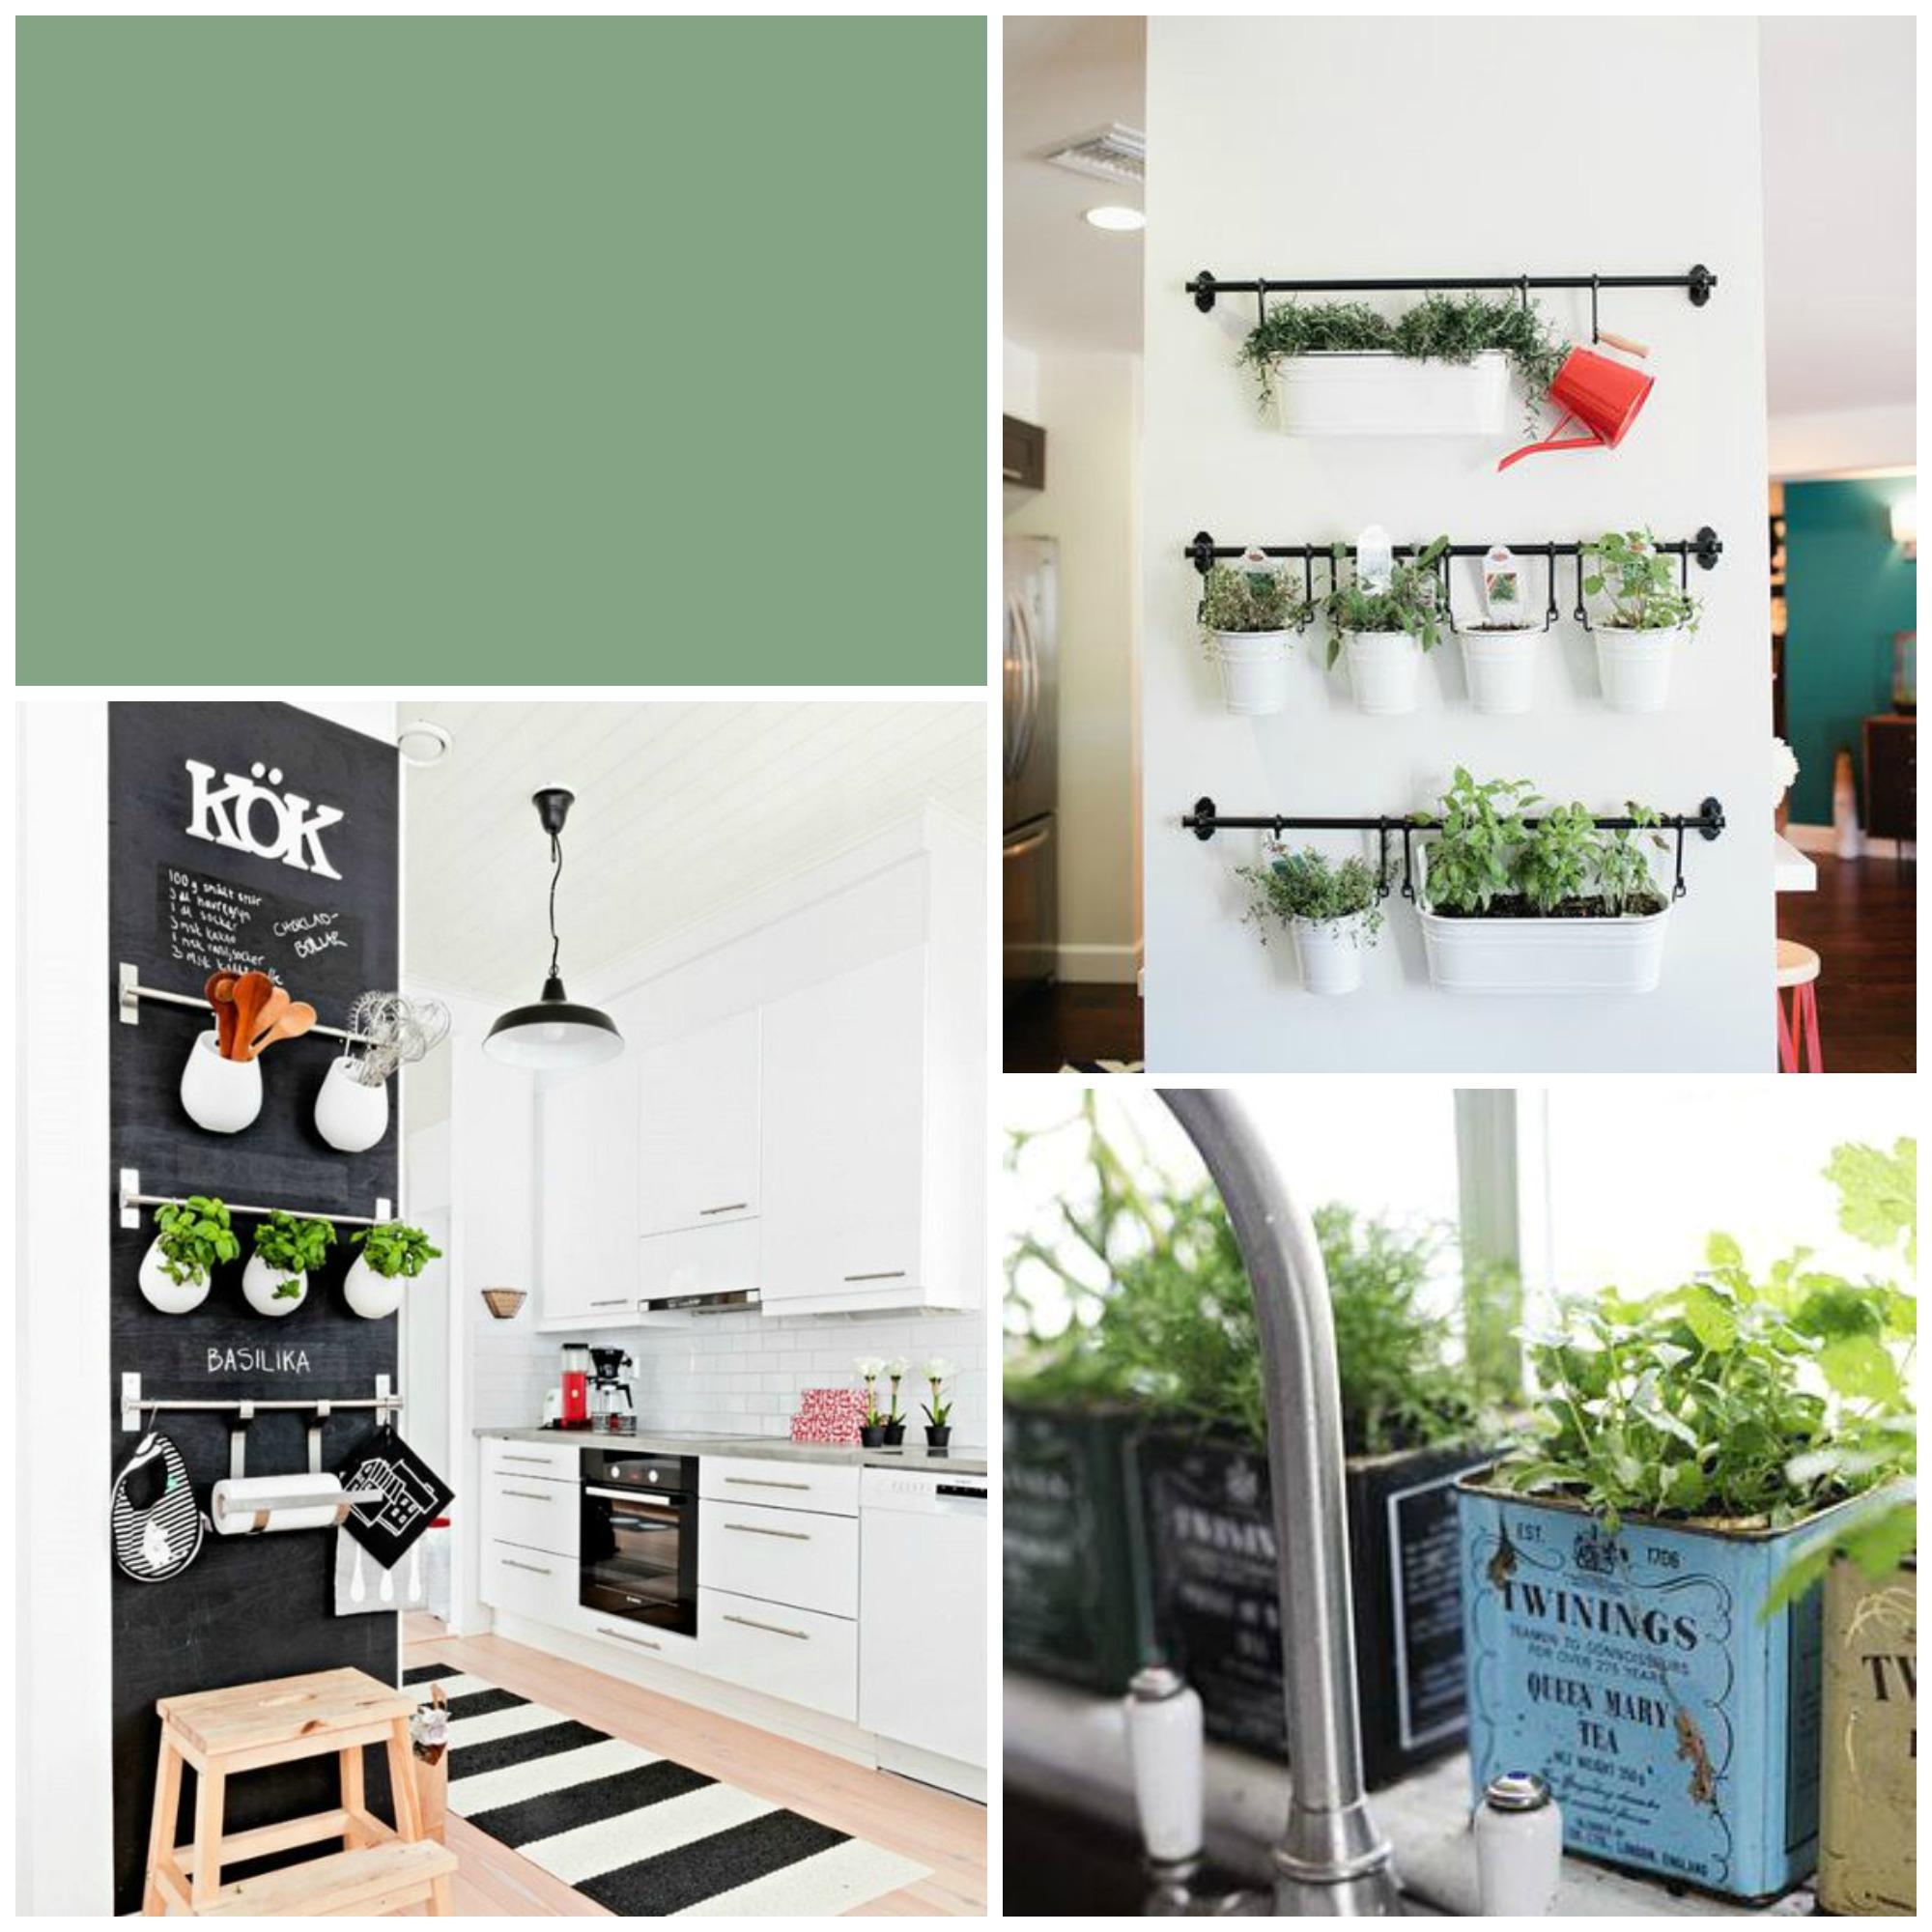 Arredare parete vuota cucina - Arredare parete cucina ...